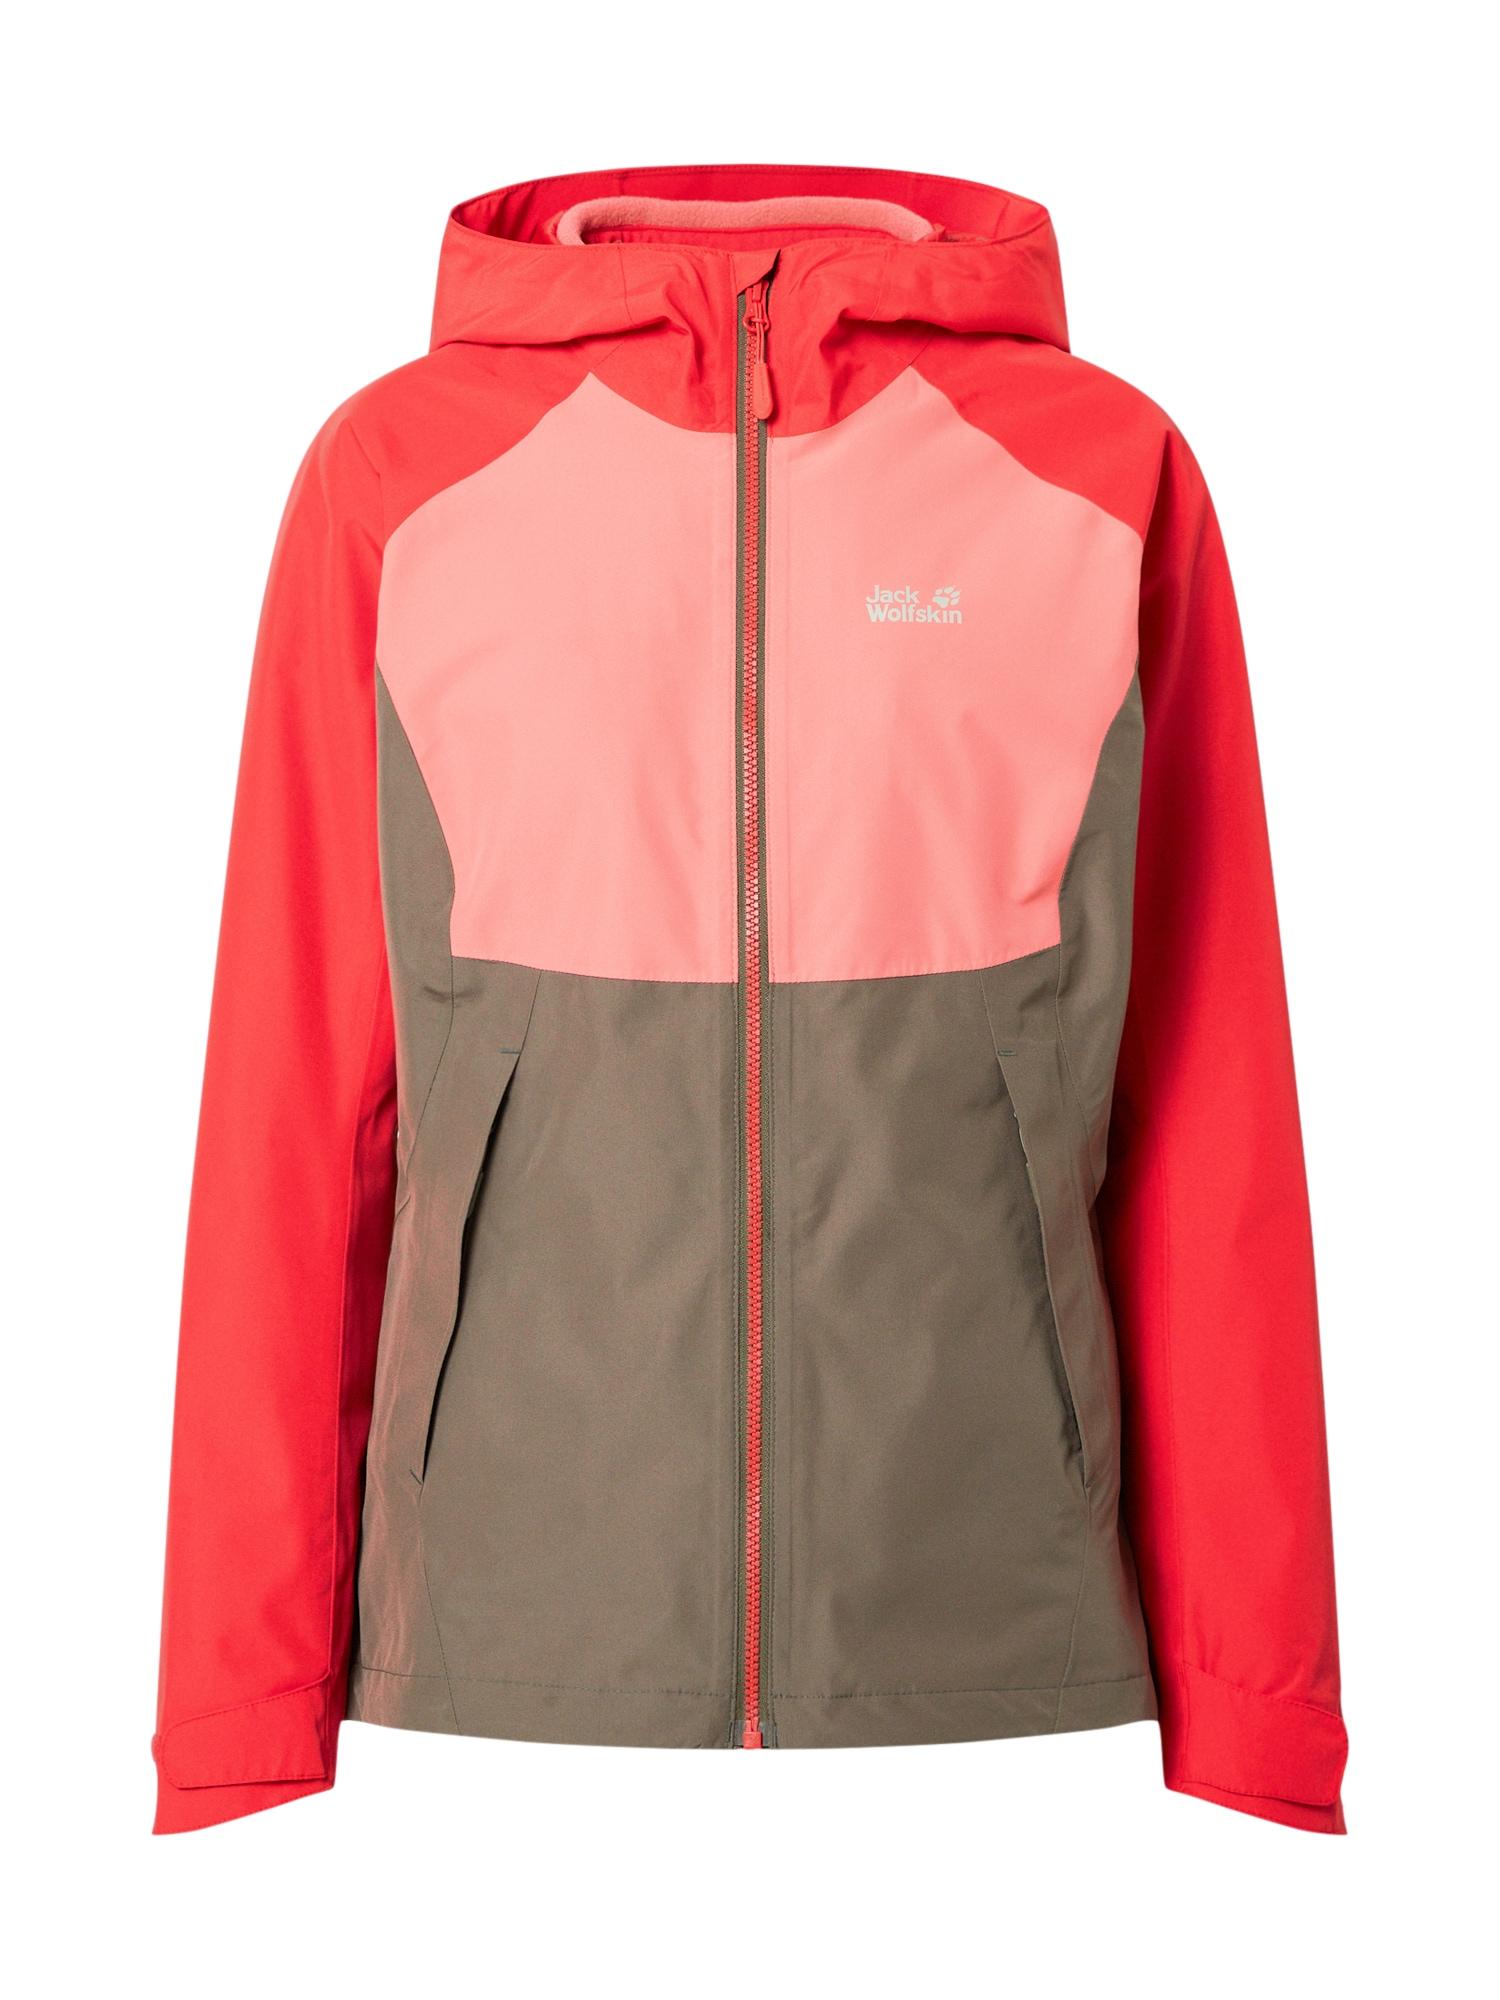 JACK WOLFSKIN Sportovní bunda 'Mount Isa 3IN1'  červená / růžová / šedá